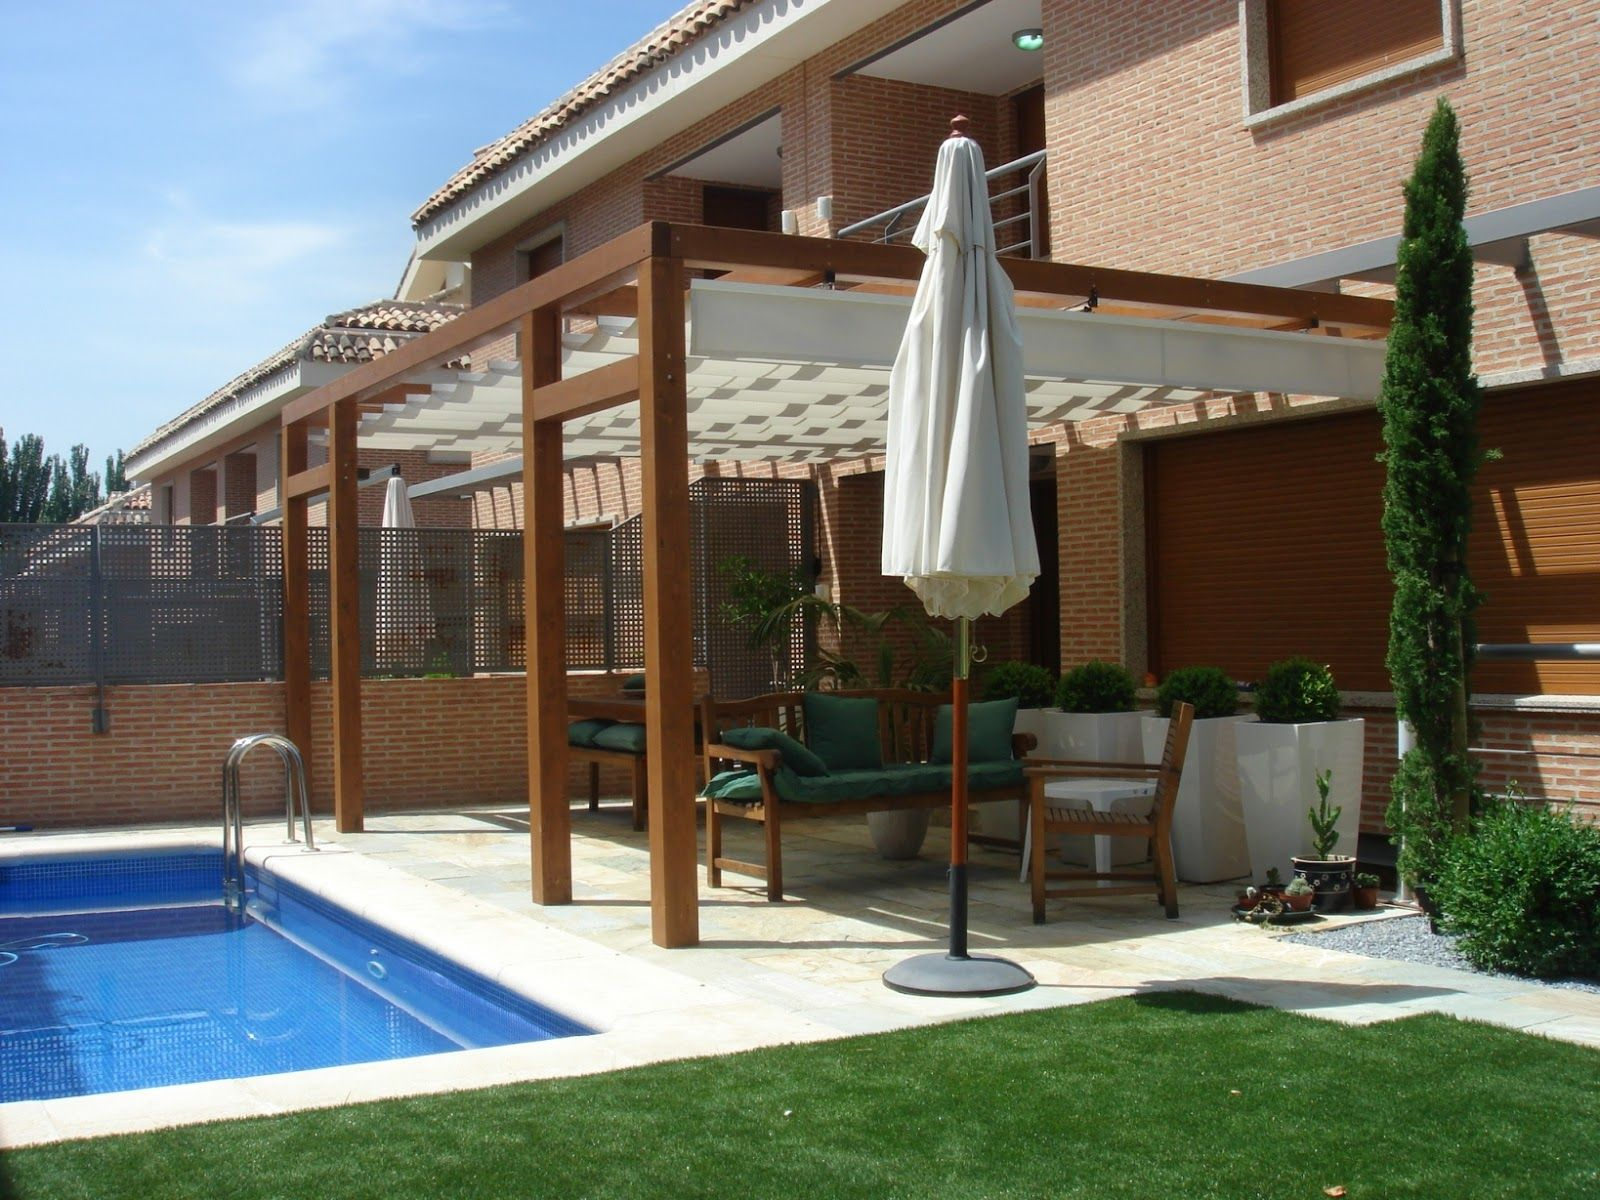 Gallart grupo el blog suelos y puertas de madera en asturias diferencias entre porches - Puertas para porches ...